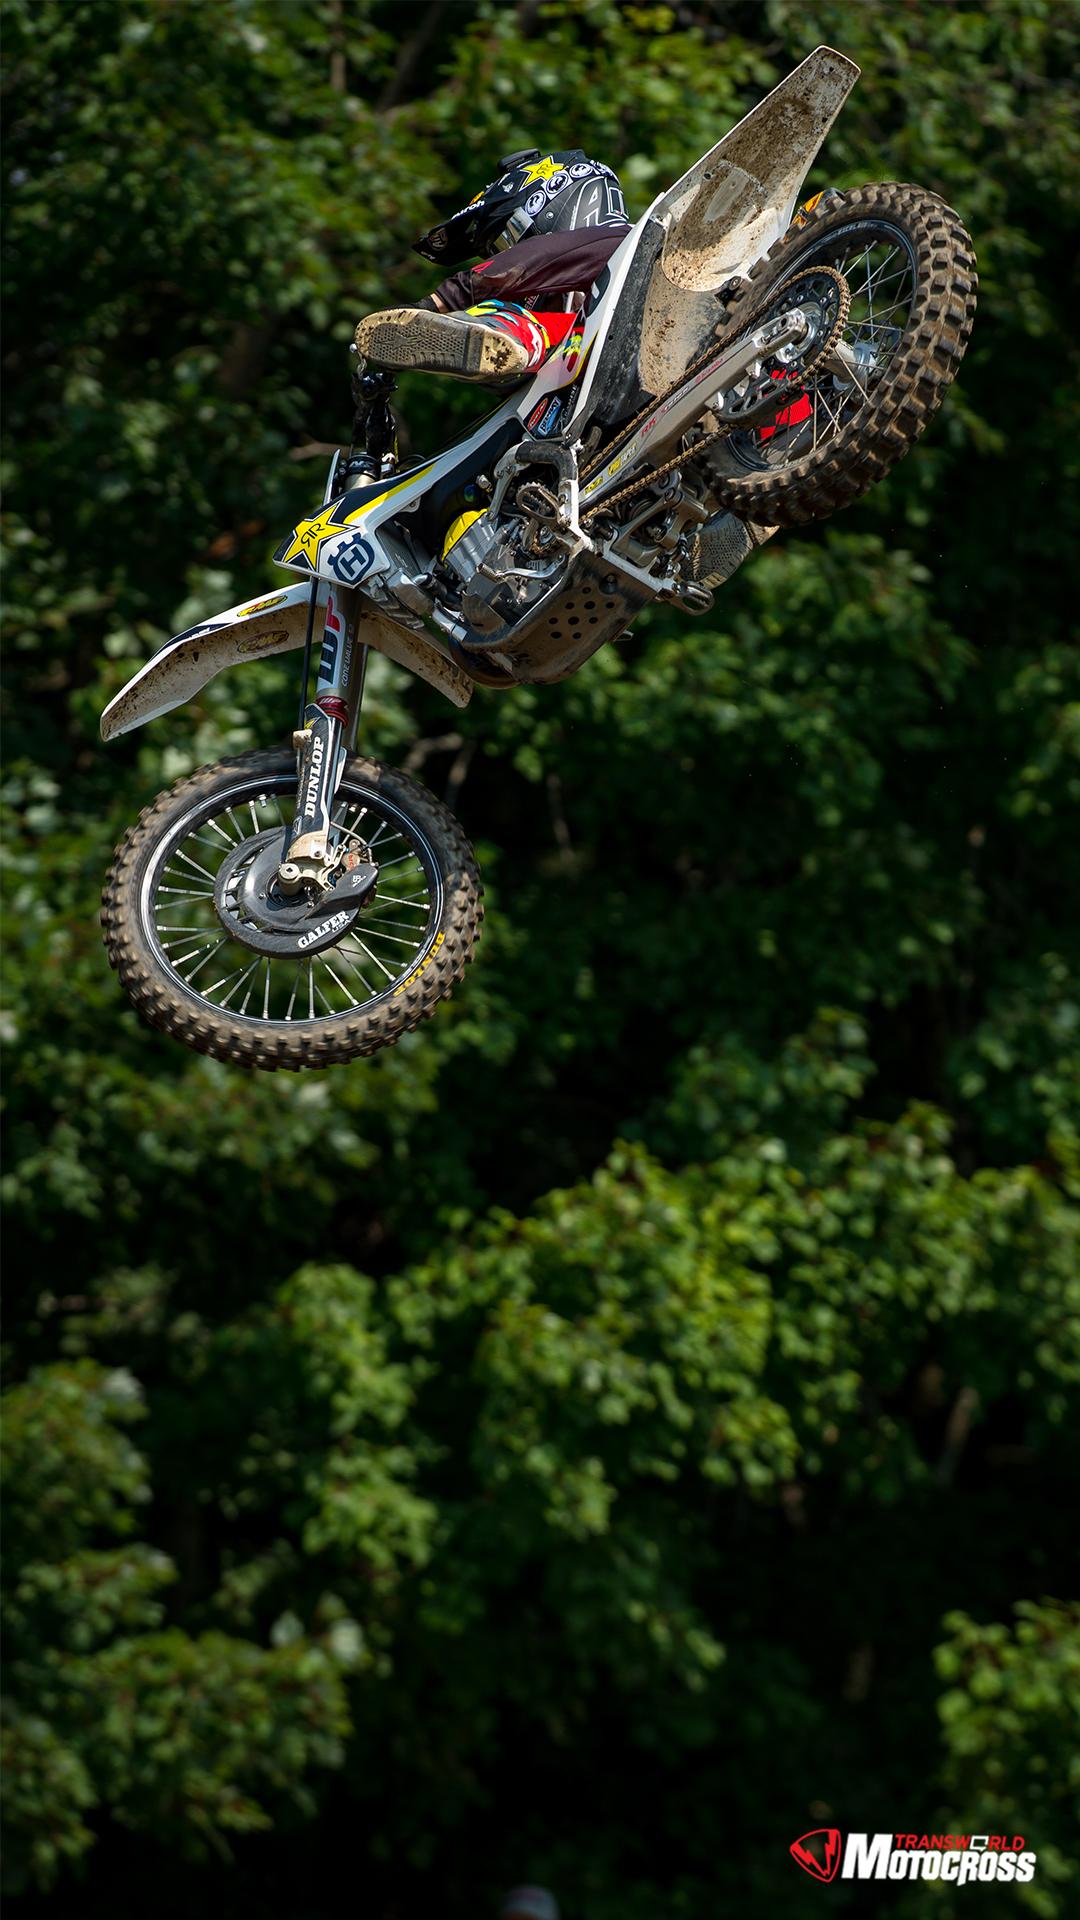 cdn.motocross.transworld.net